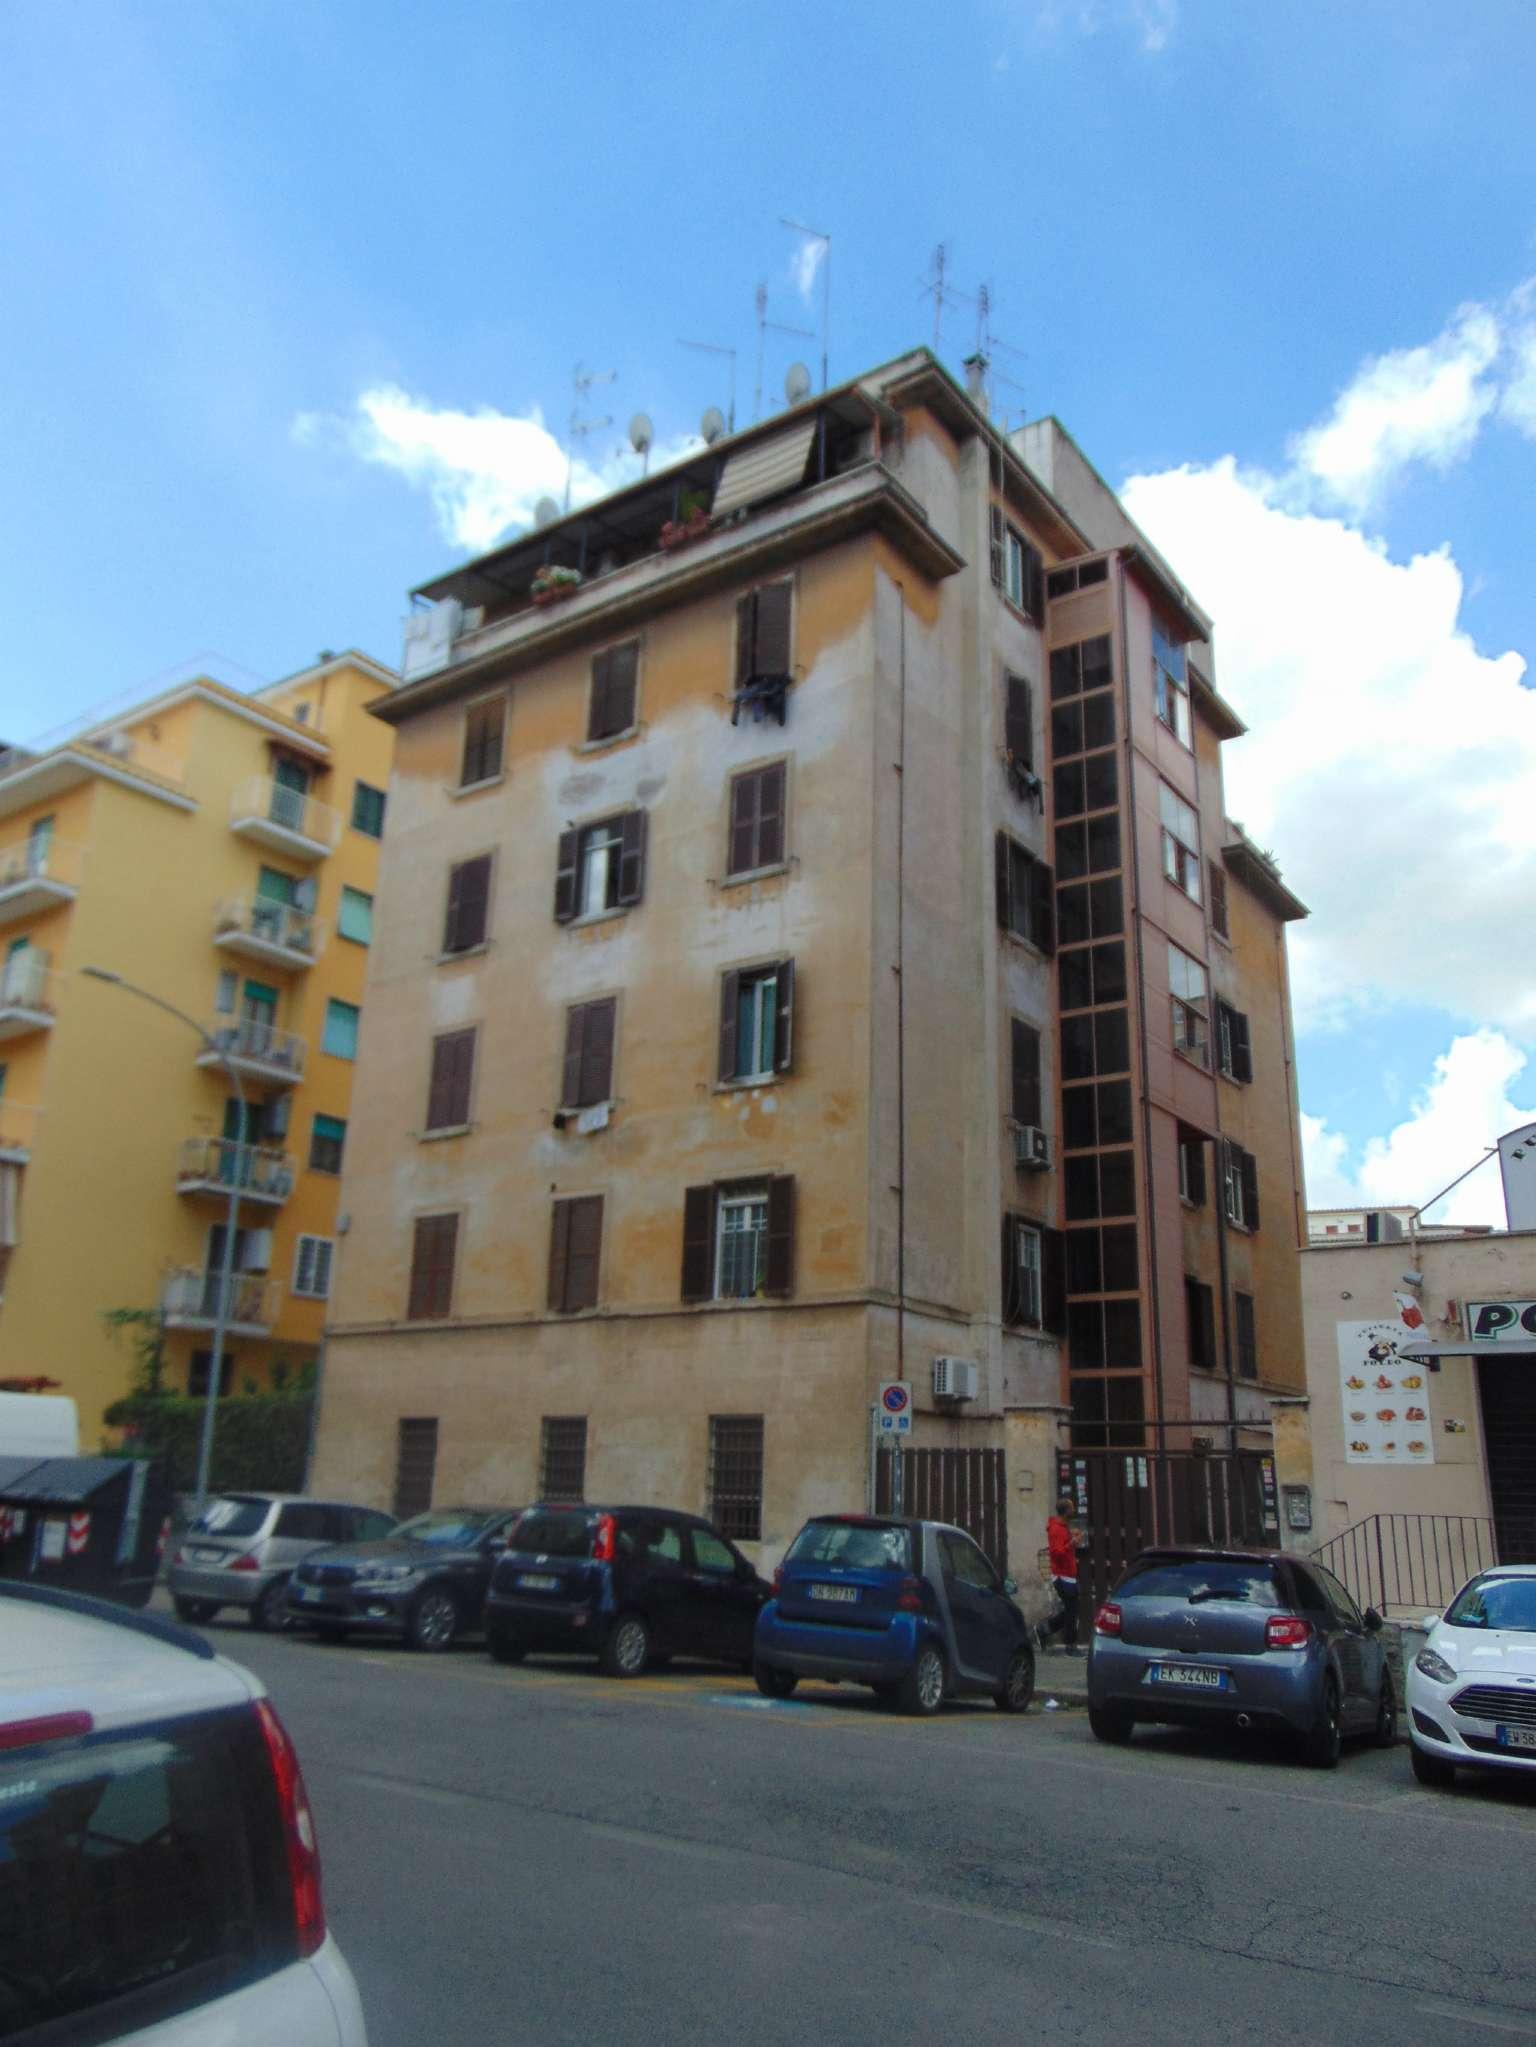 Appartamento in vendita a Roma, 1 locali, zona Zona: 11 . Centocelle, Alessandrino, Collatino, Prenestina, Villa Giordani, prezzo € 99.000 | CambioCasa.it